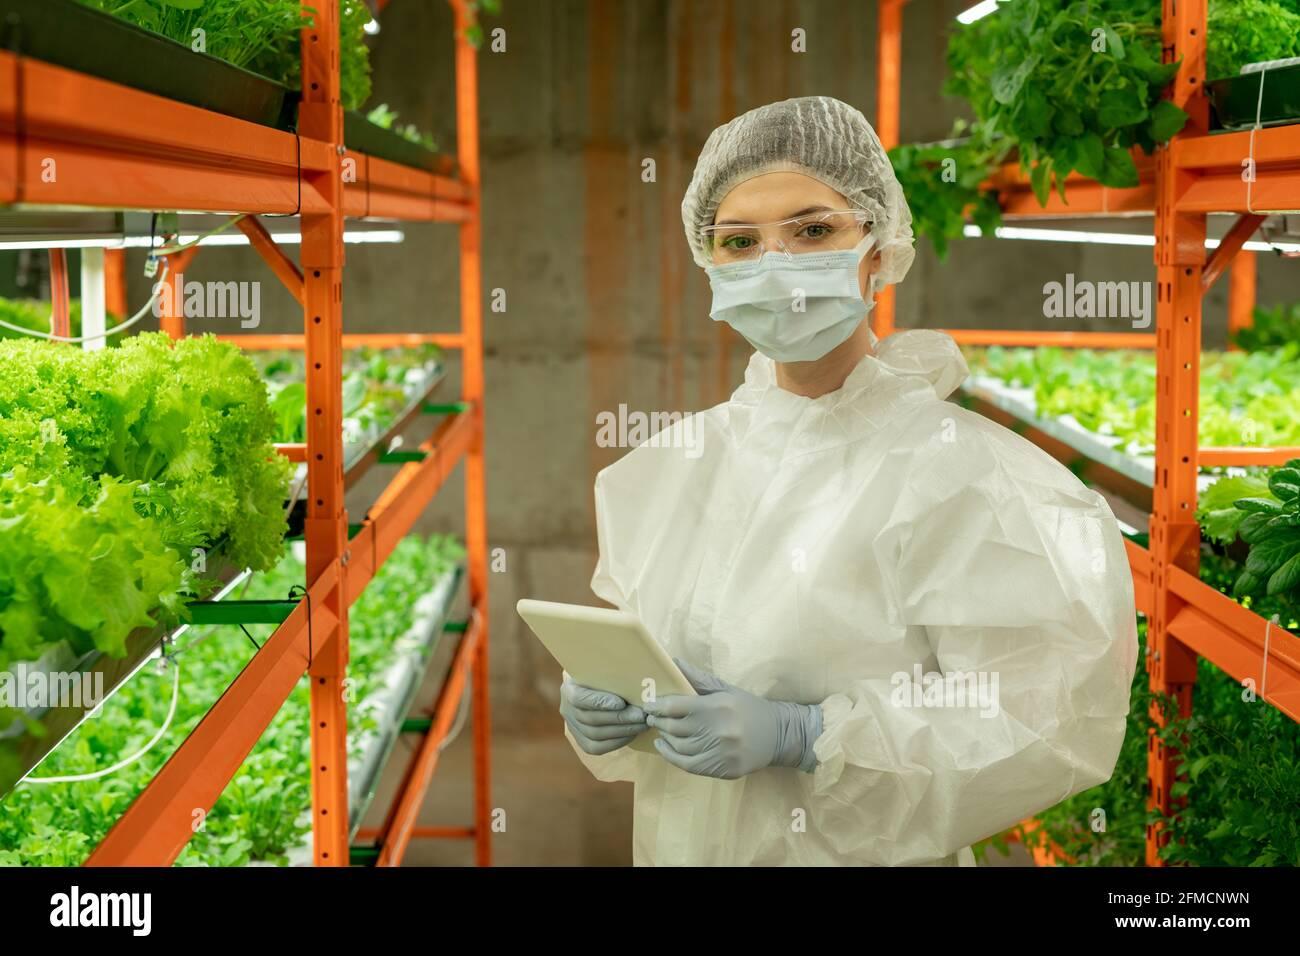 Portrait d'une femme cultivateur en combinaison de protection, masque et lunettes de protection debout avec une tablette numérique dans une serre agricole verticale Banque D'Images